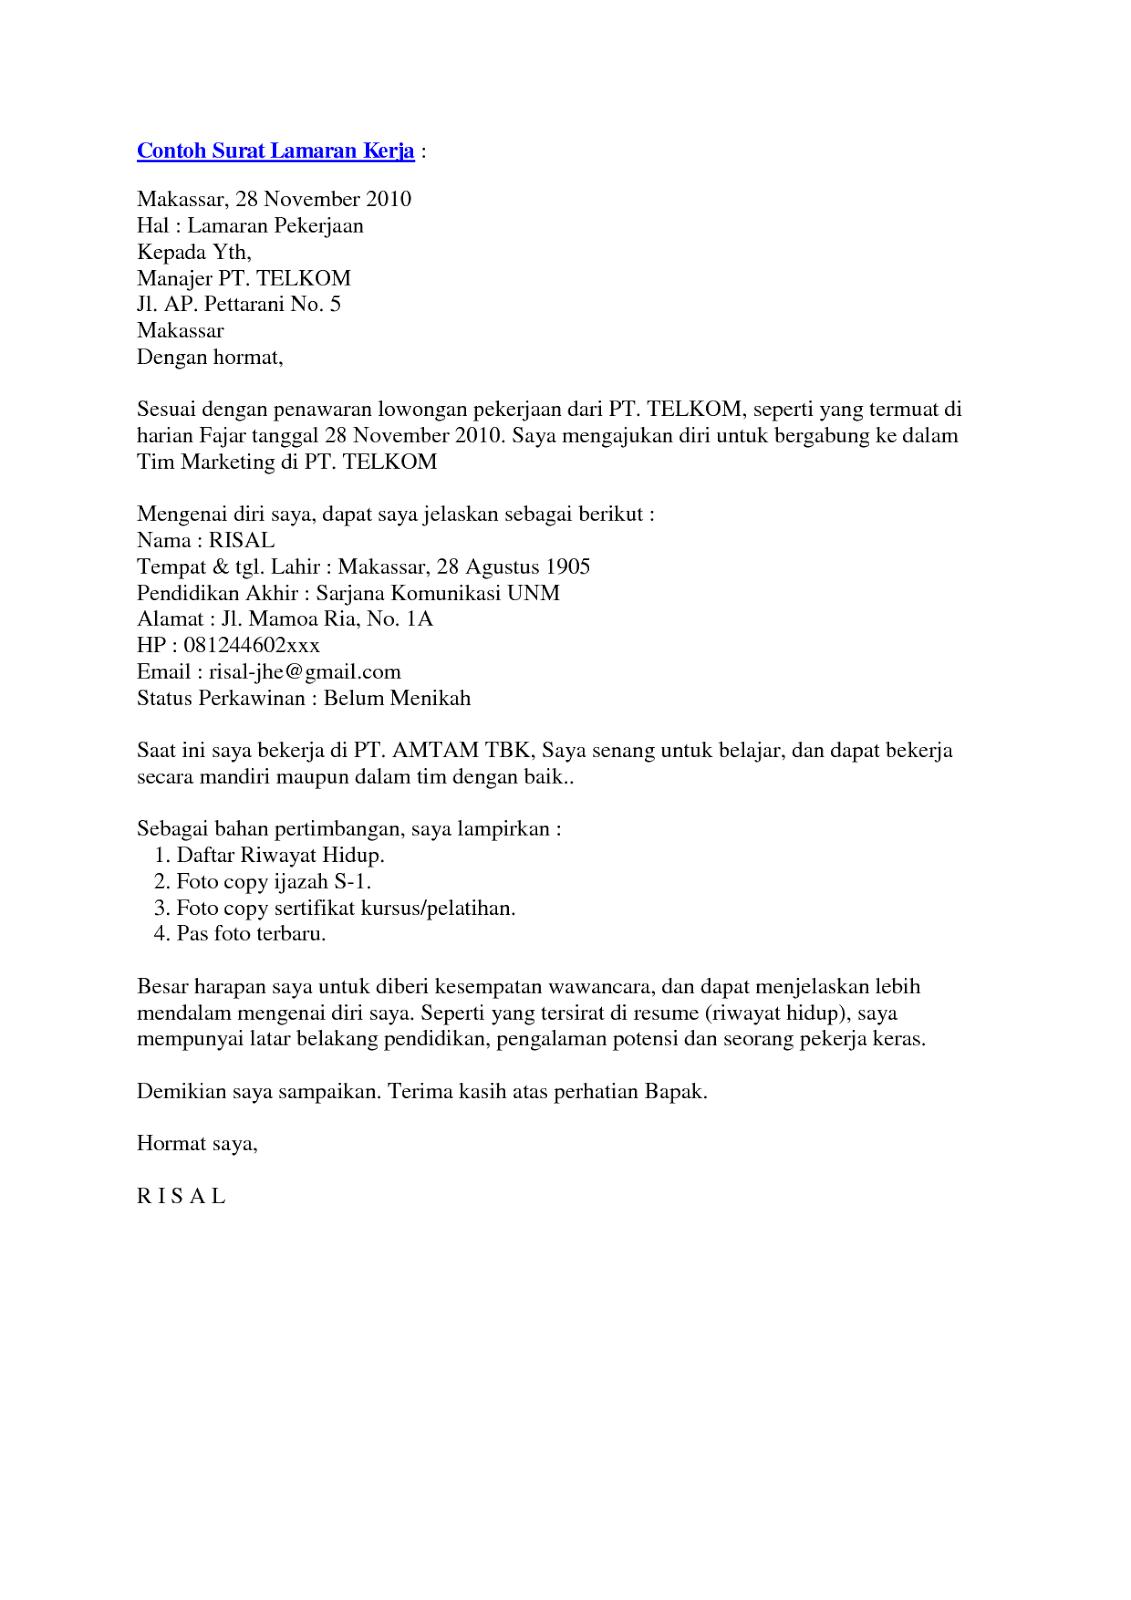 Surat Lamaran Kerja BUMN Surat, Cv kreatif, Pendidikan